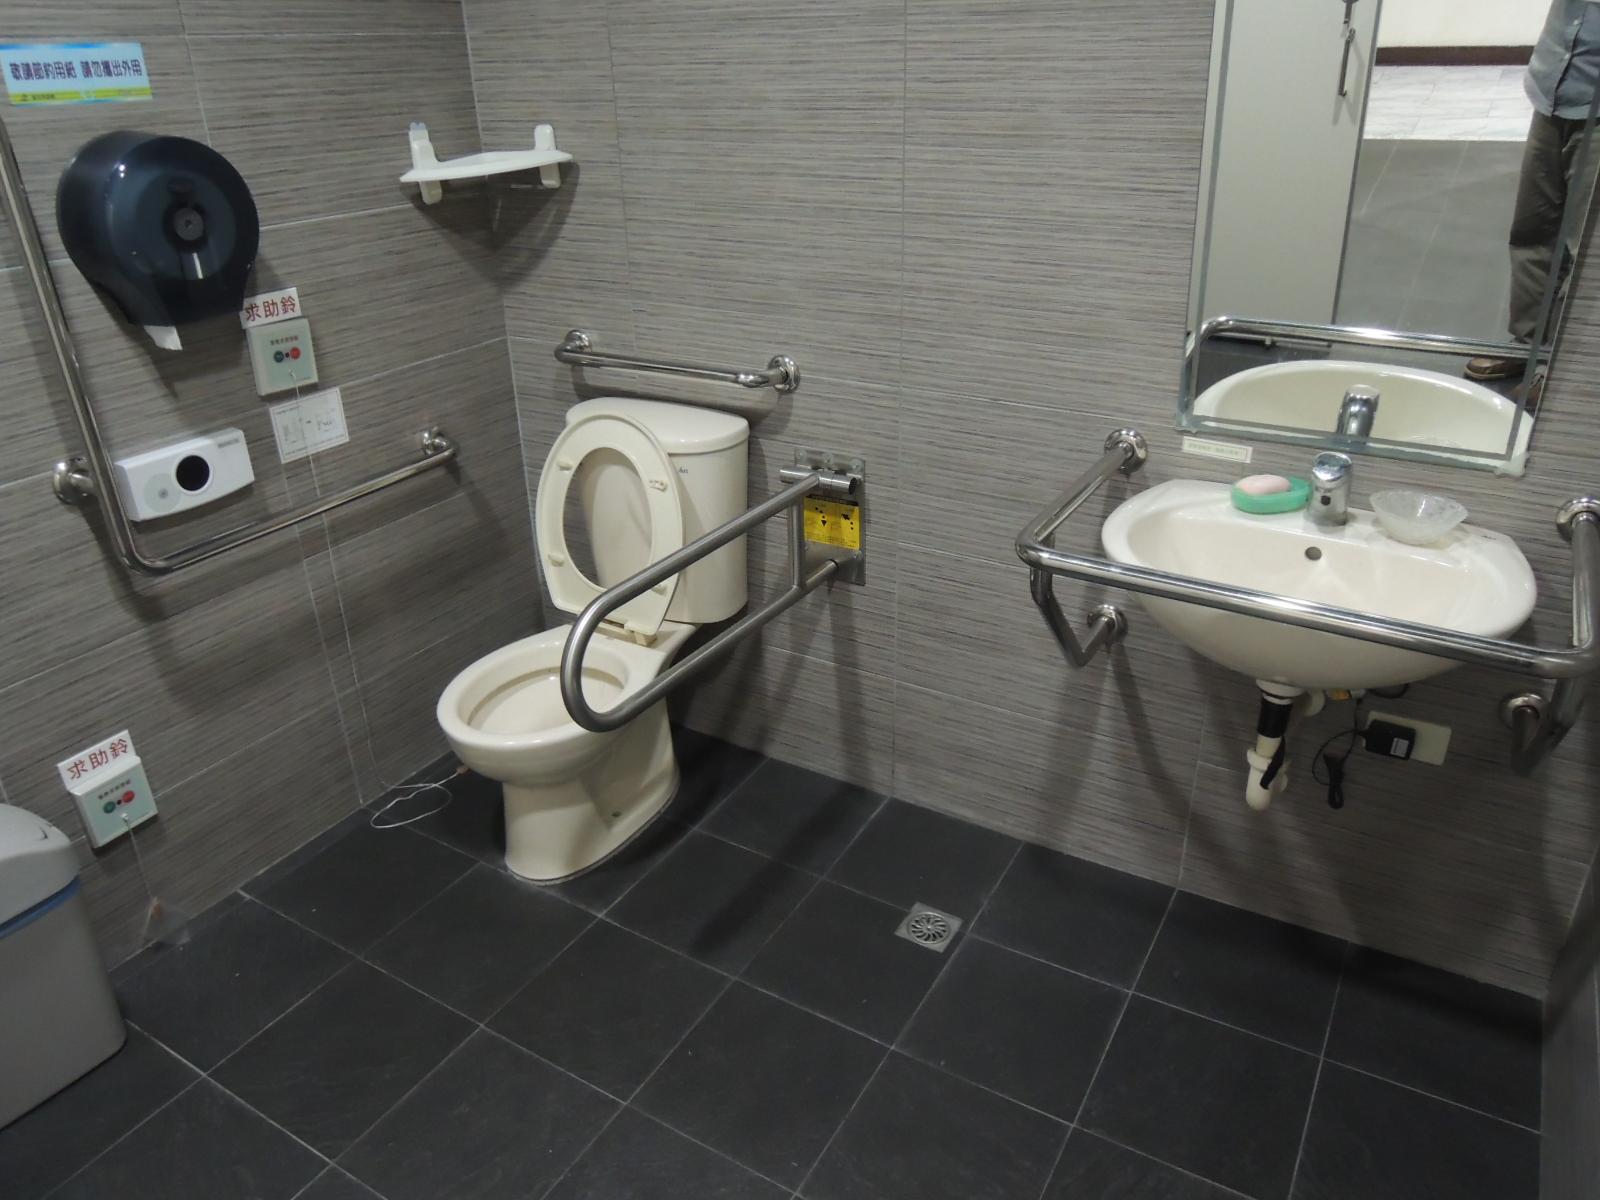 臺北市士林區公所無障礙廁所(照片播放區)